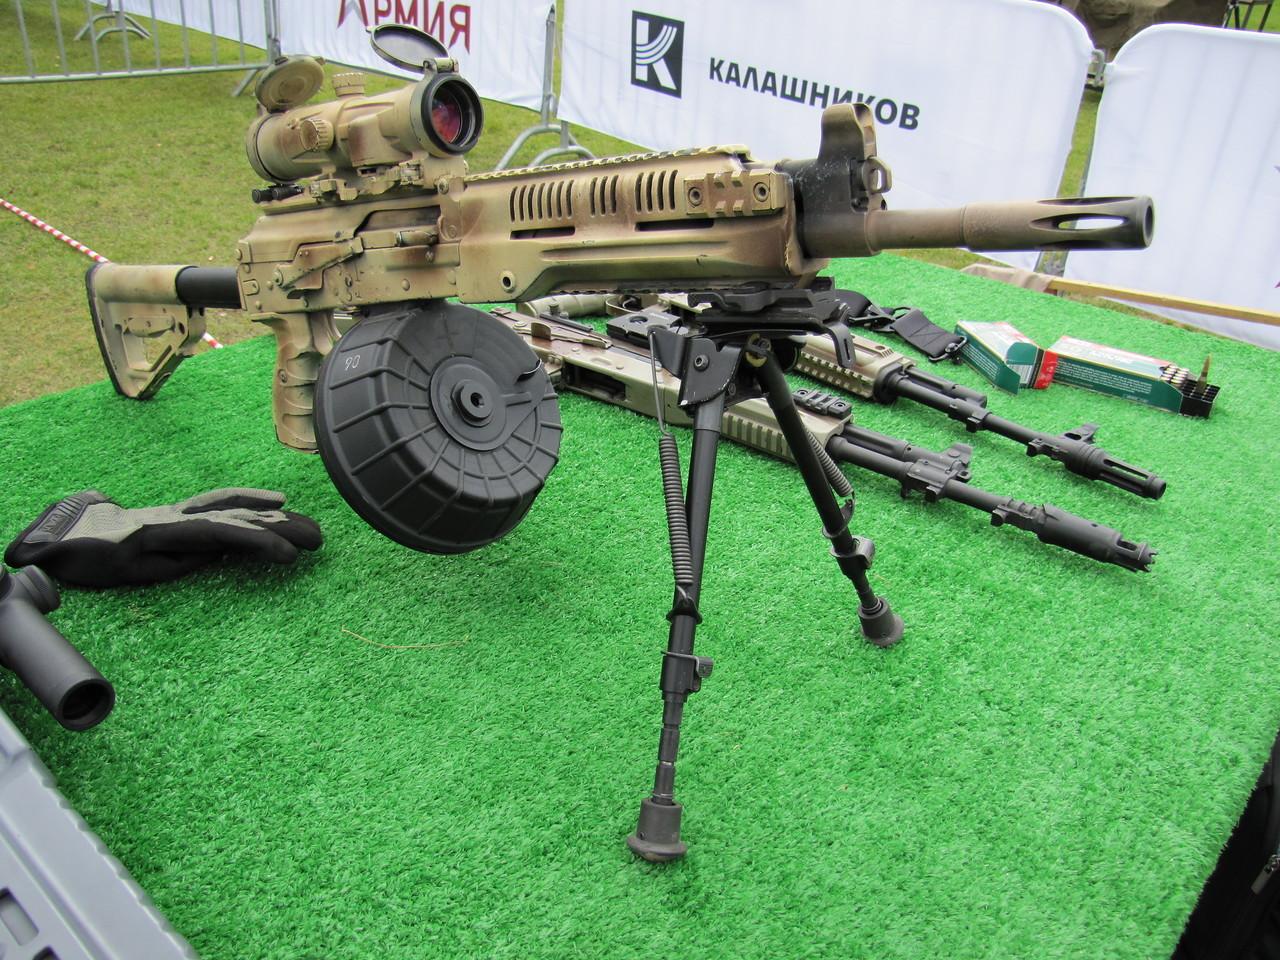 Ручной пулемет Калашникова проходит опытно-войсковые испытания